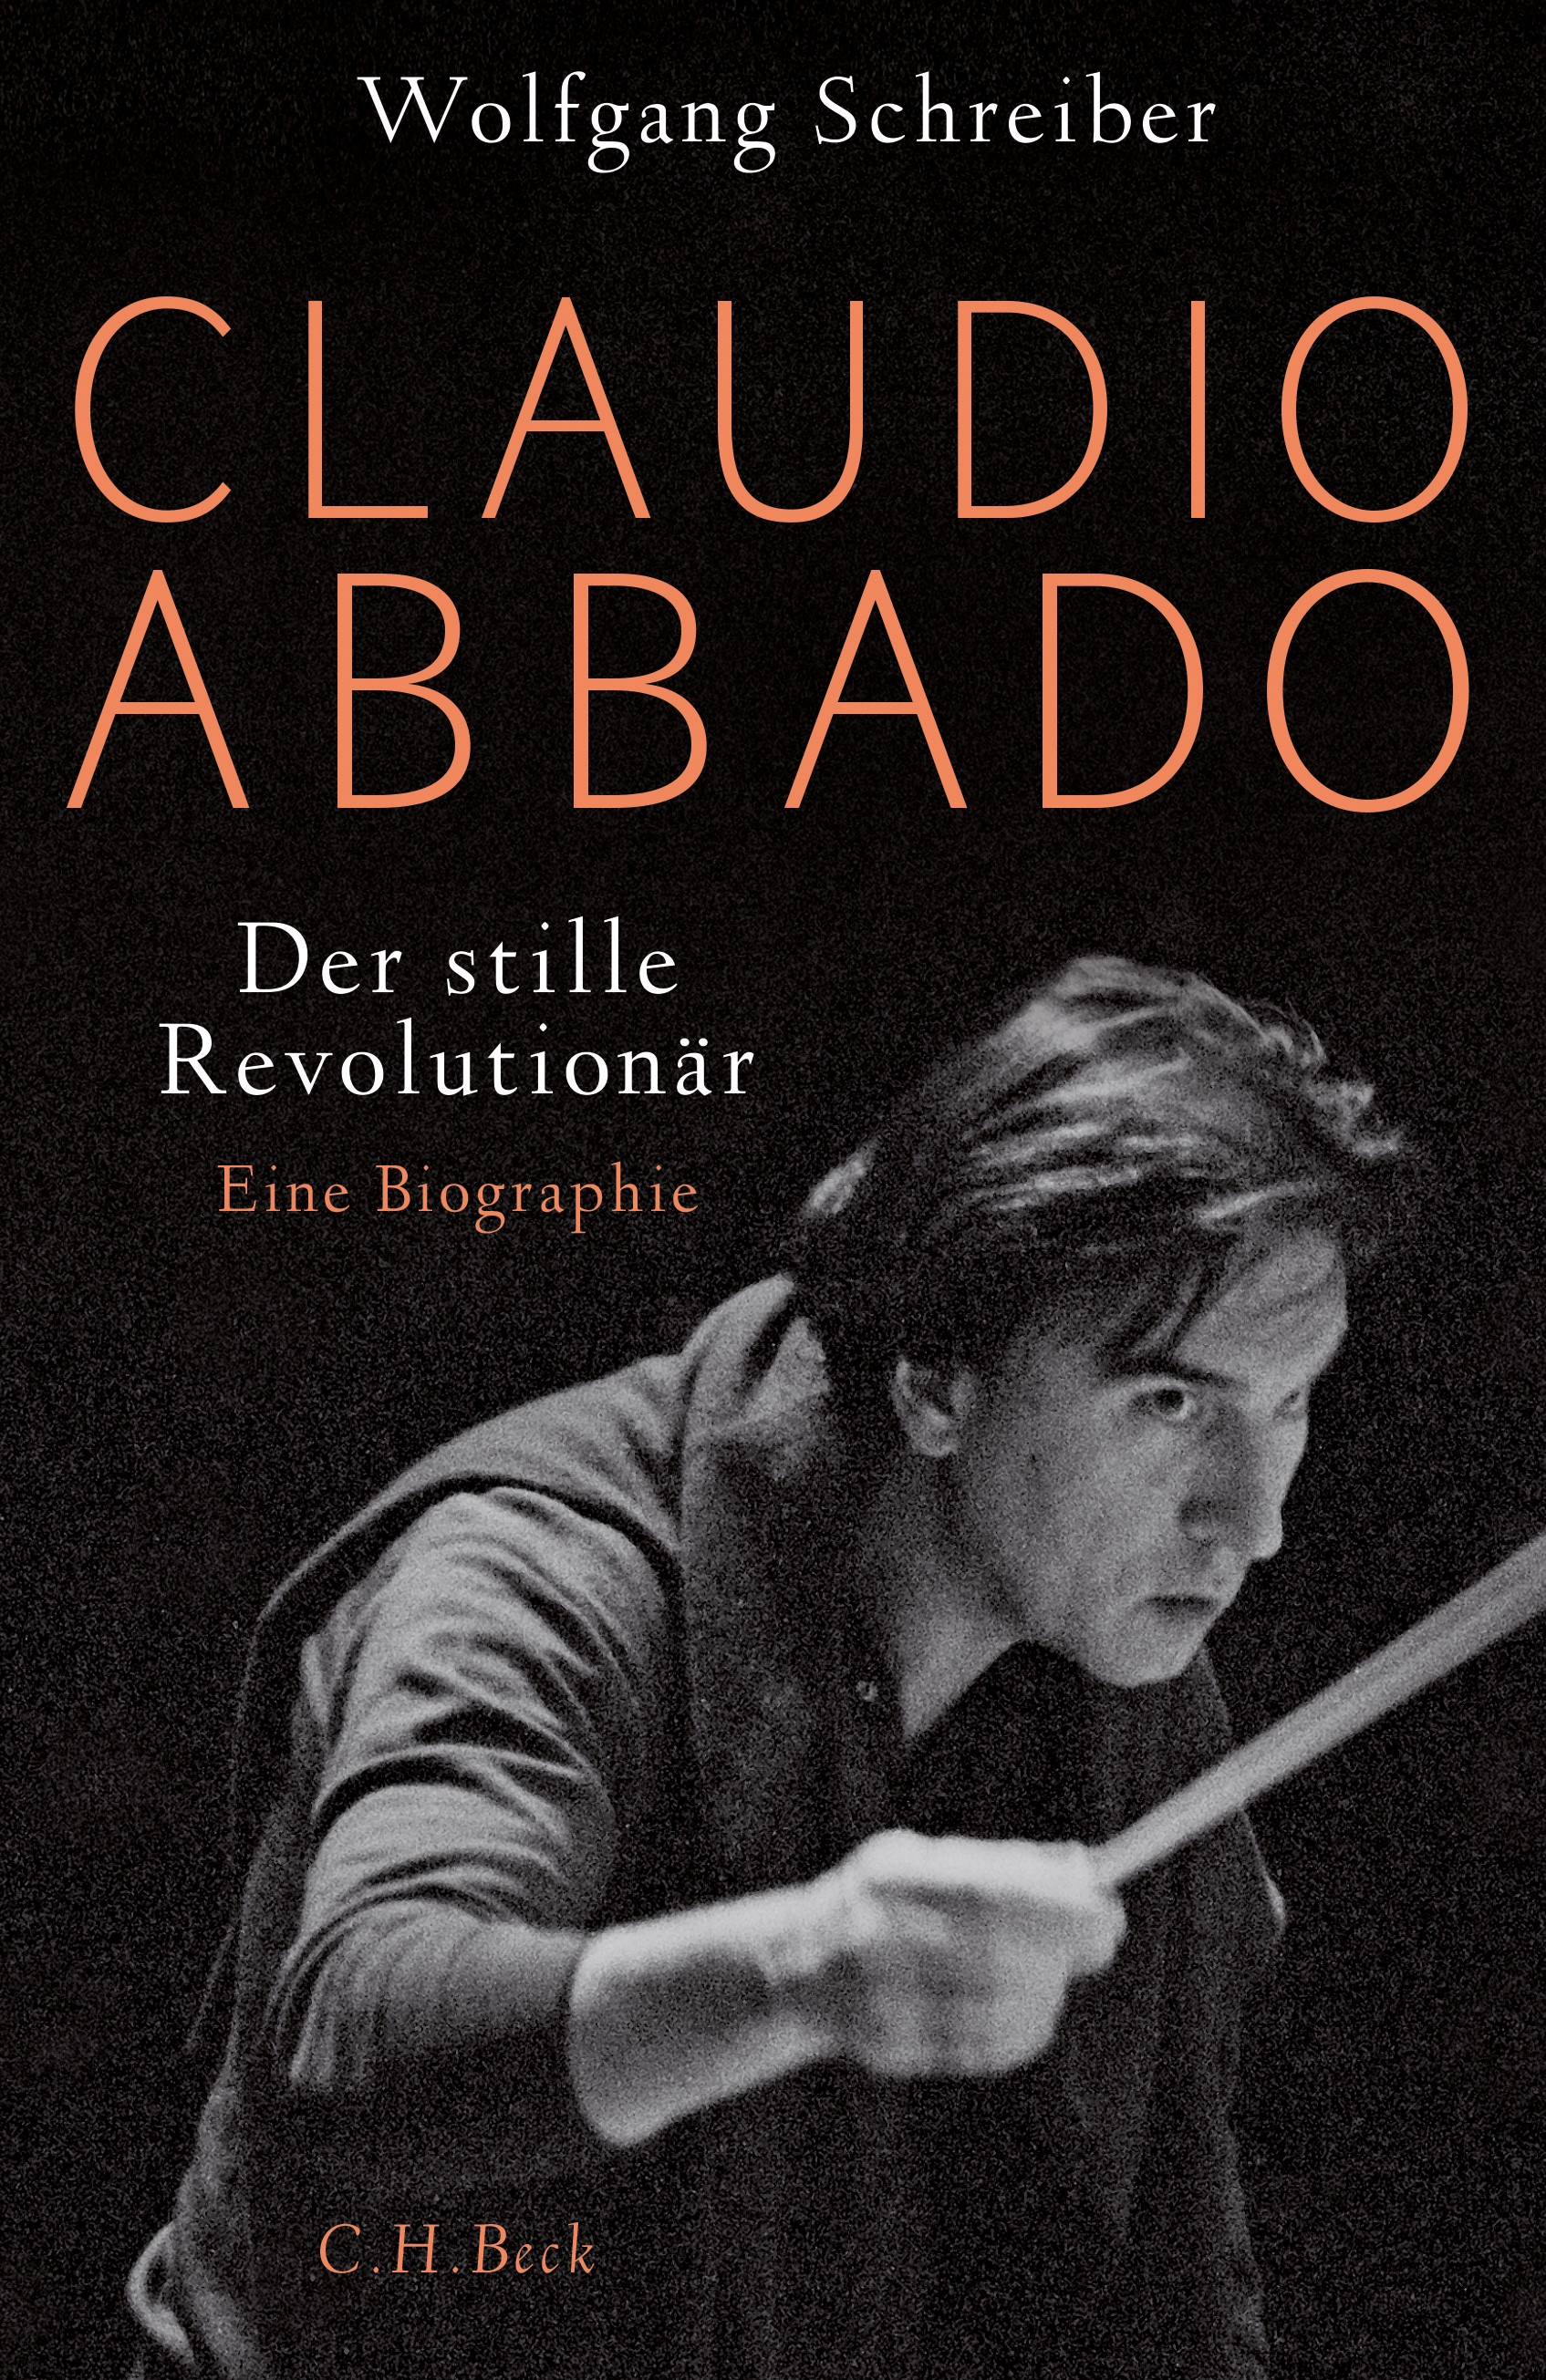 Abbildung von Schreiber, Wolfgang | Claudio Abbado | 2019